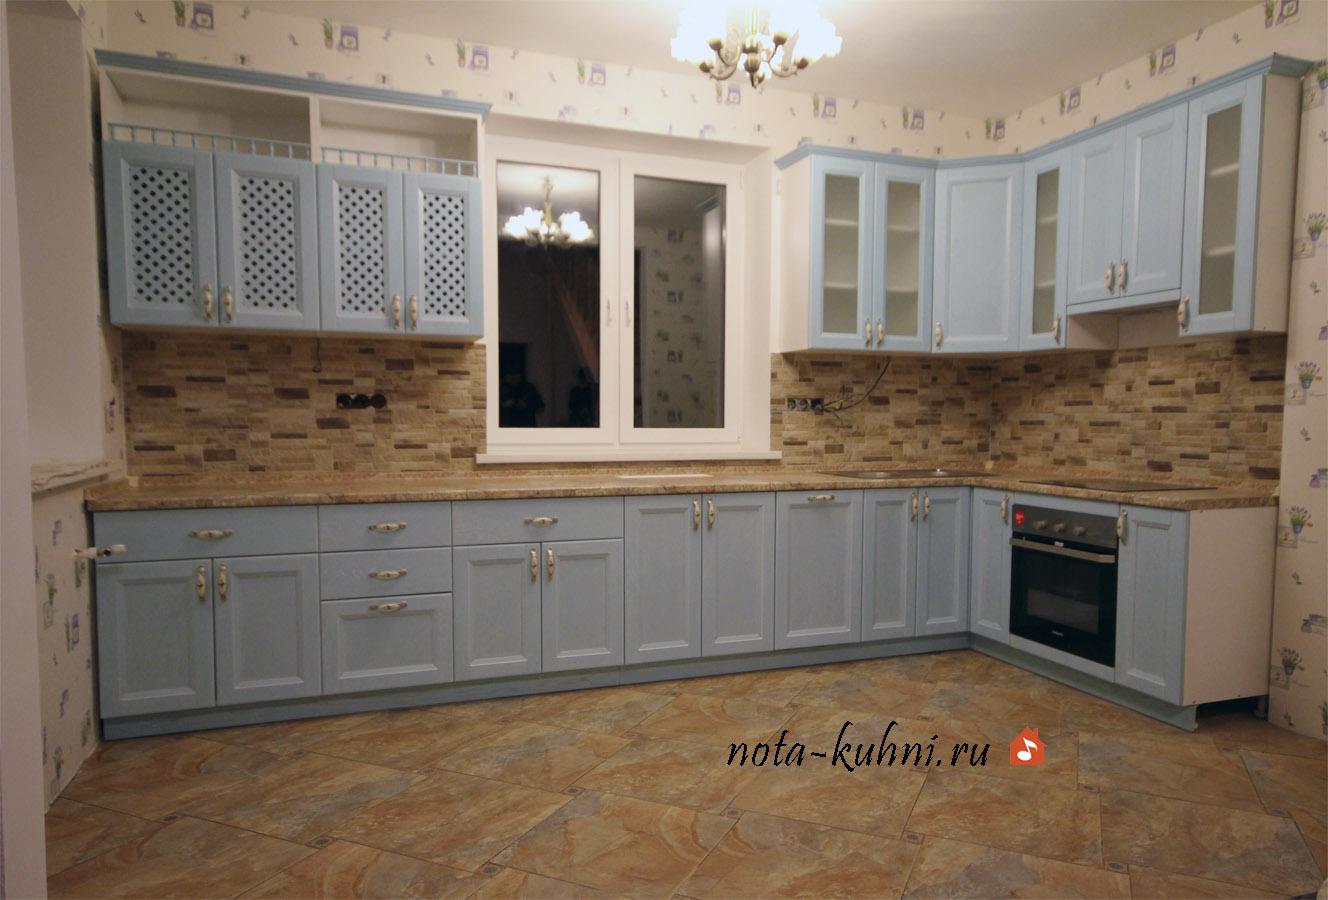 Кухни в стиле Прованс на заказ